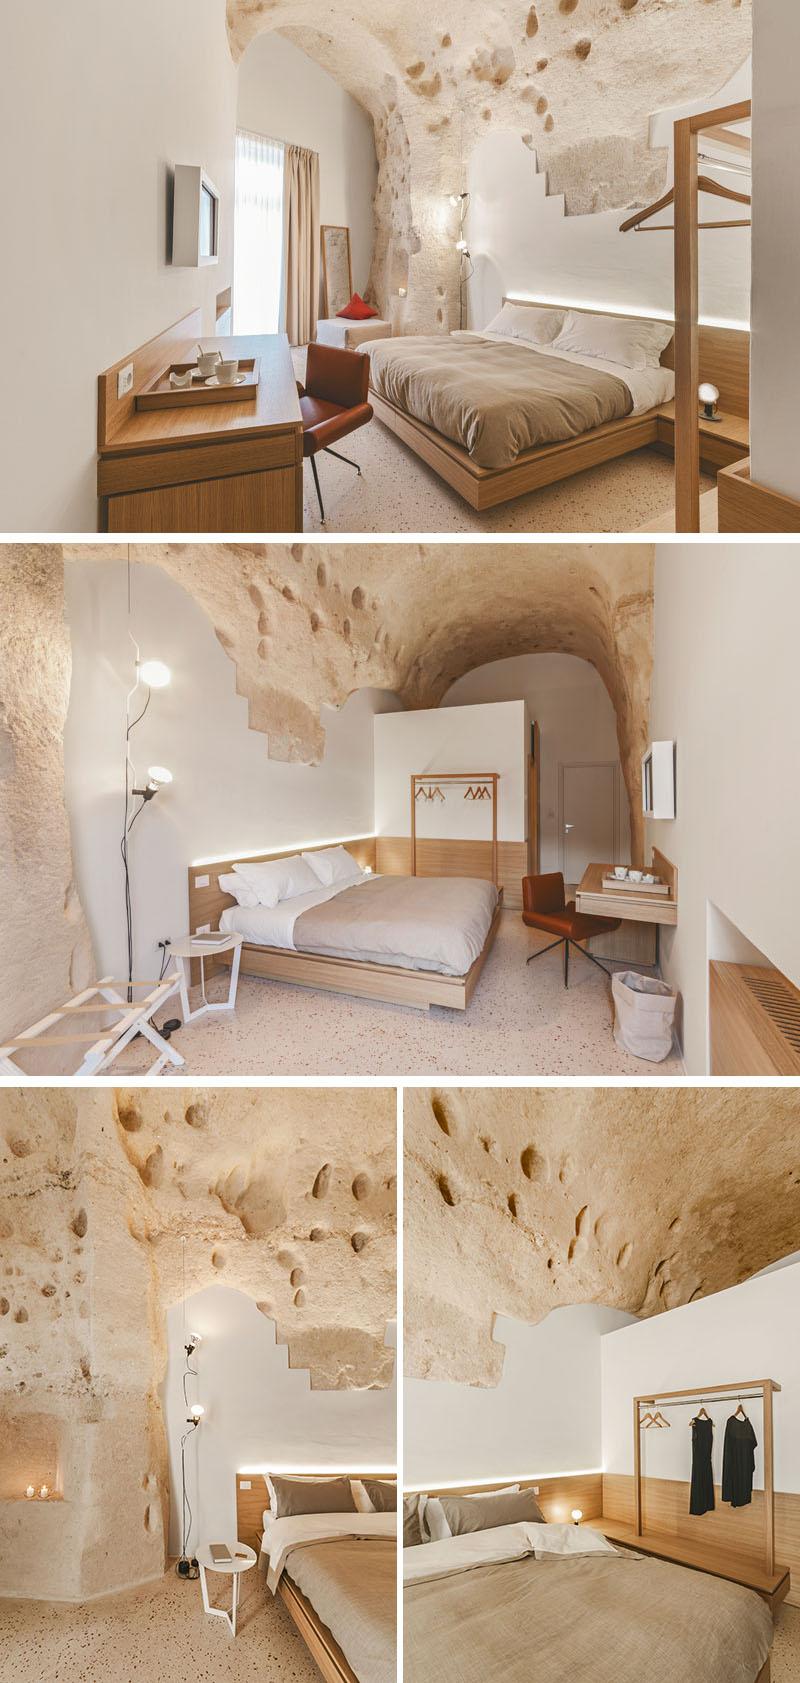 Arquitetos italianos transformam antiga caverna em um oásis moderno 03